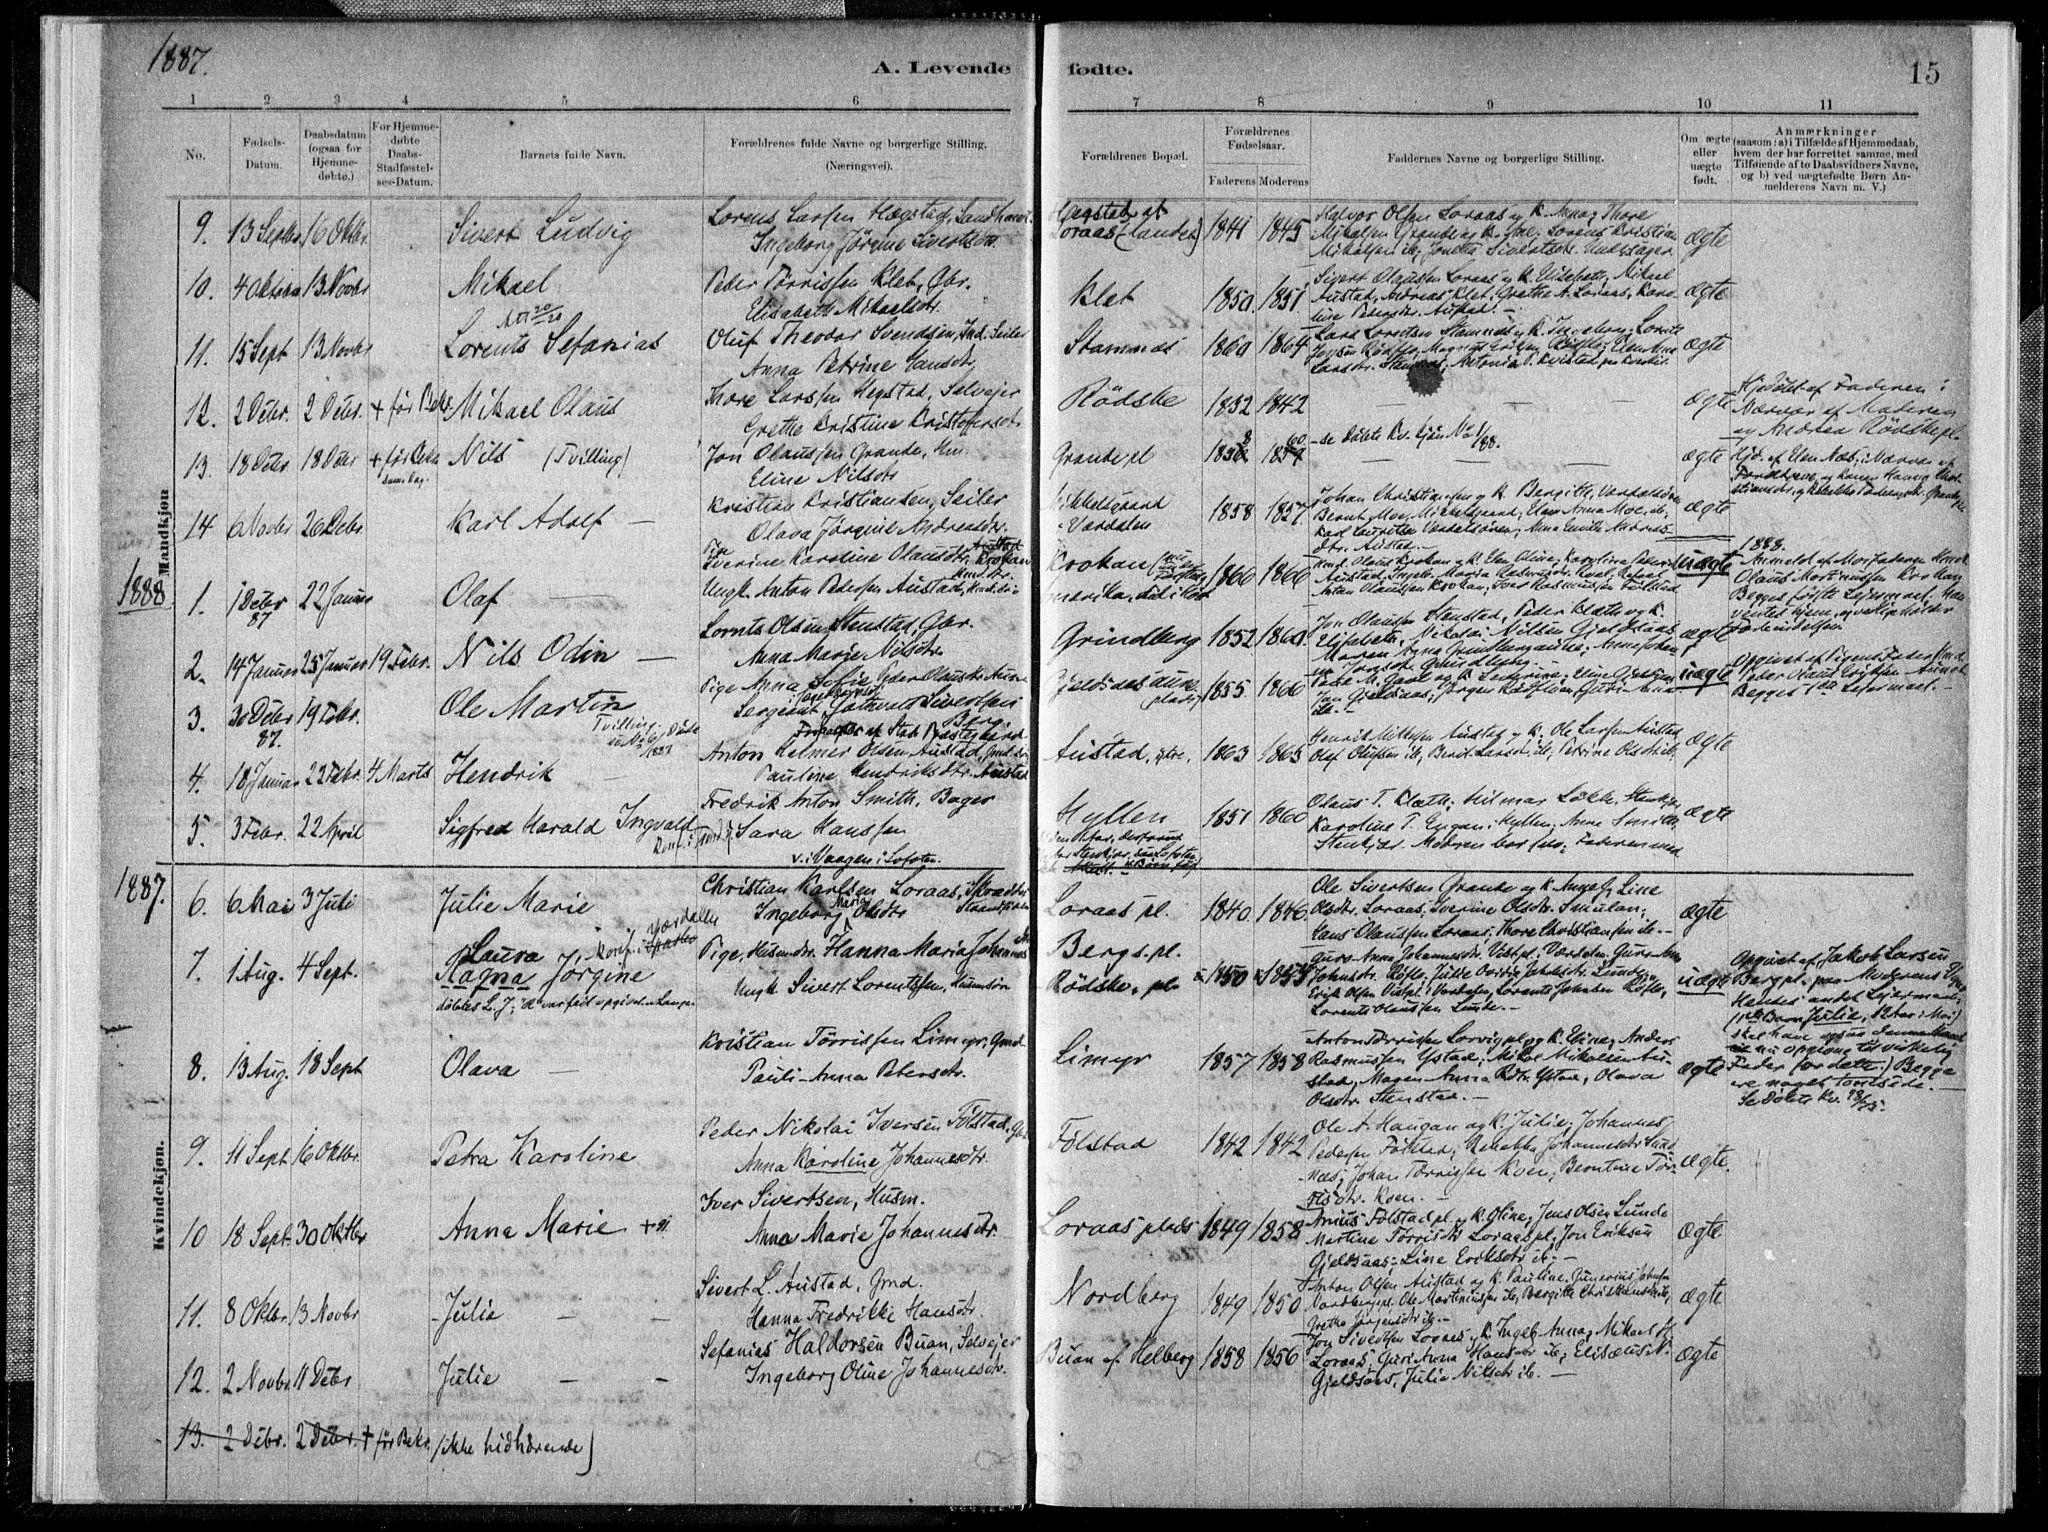 SAT, Ministerialprotokoller, klokkerbøker og fødselsregistre - Nord-Trøndelag, 731/L0309: Ministerialbok nr. 731A01, 1879-1918, s. 15